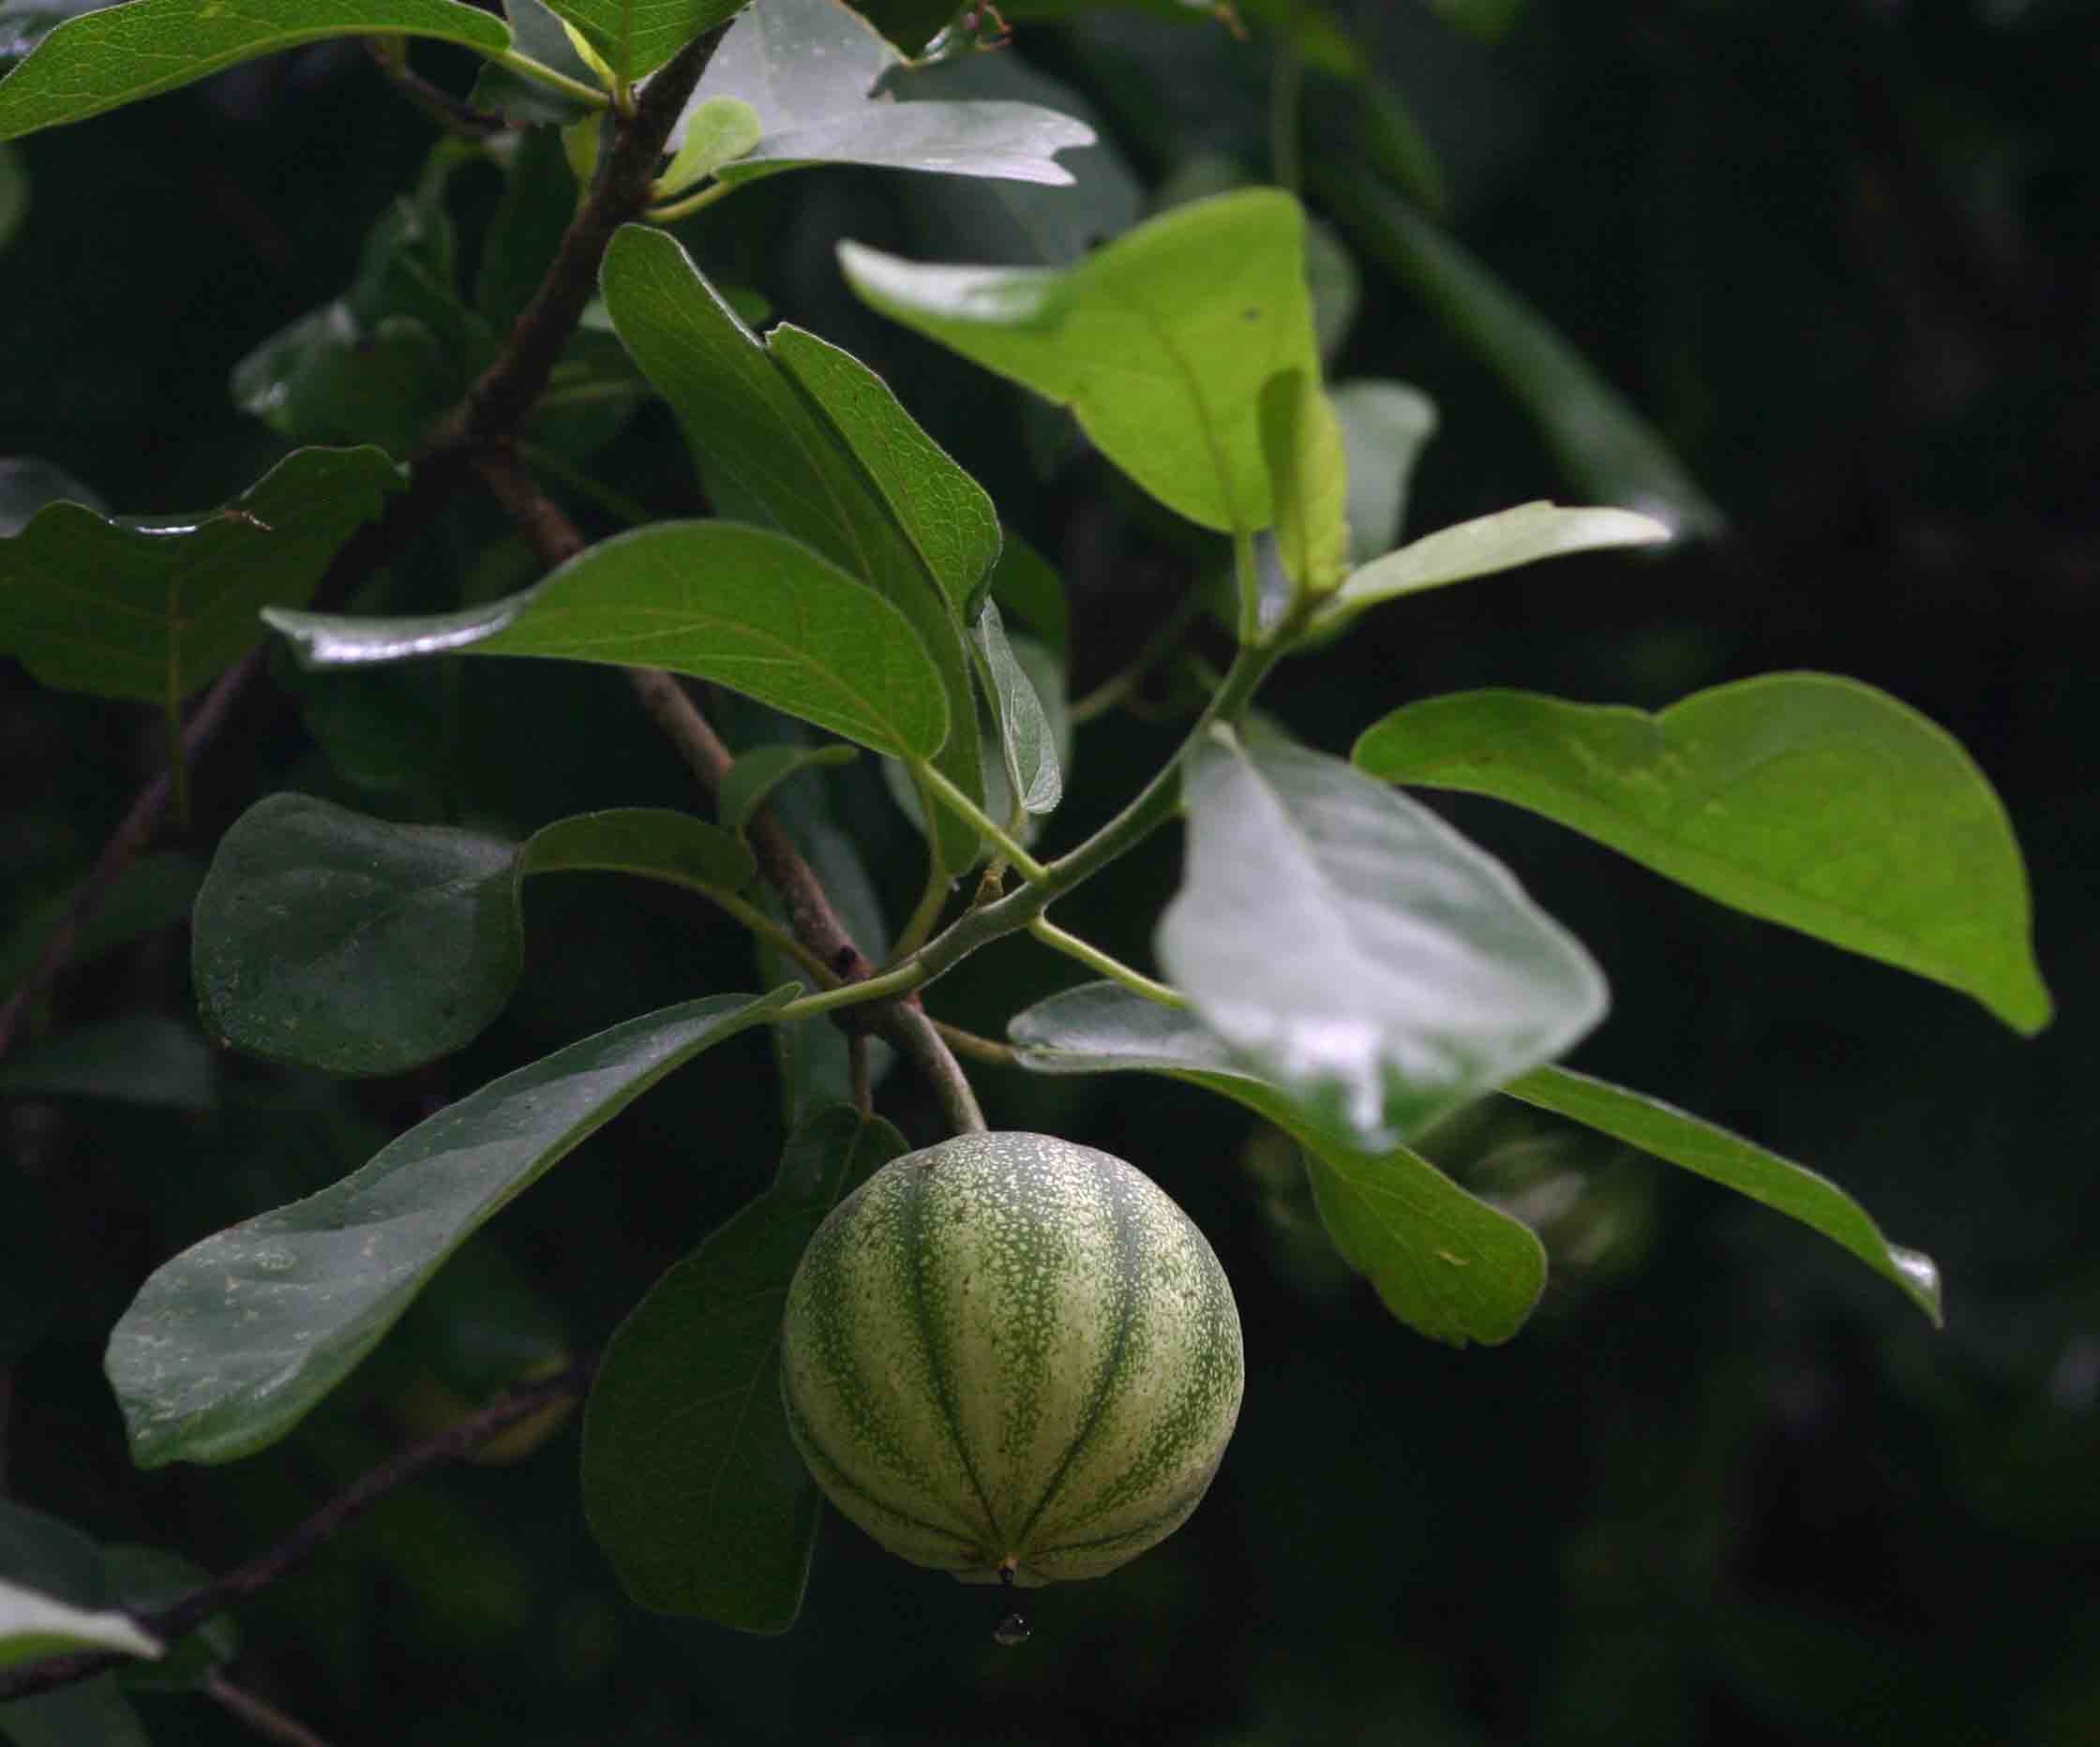 Xylotheca tettensis var. macrophylla